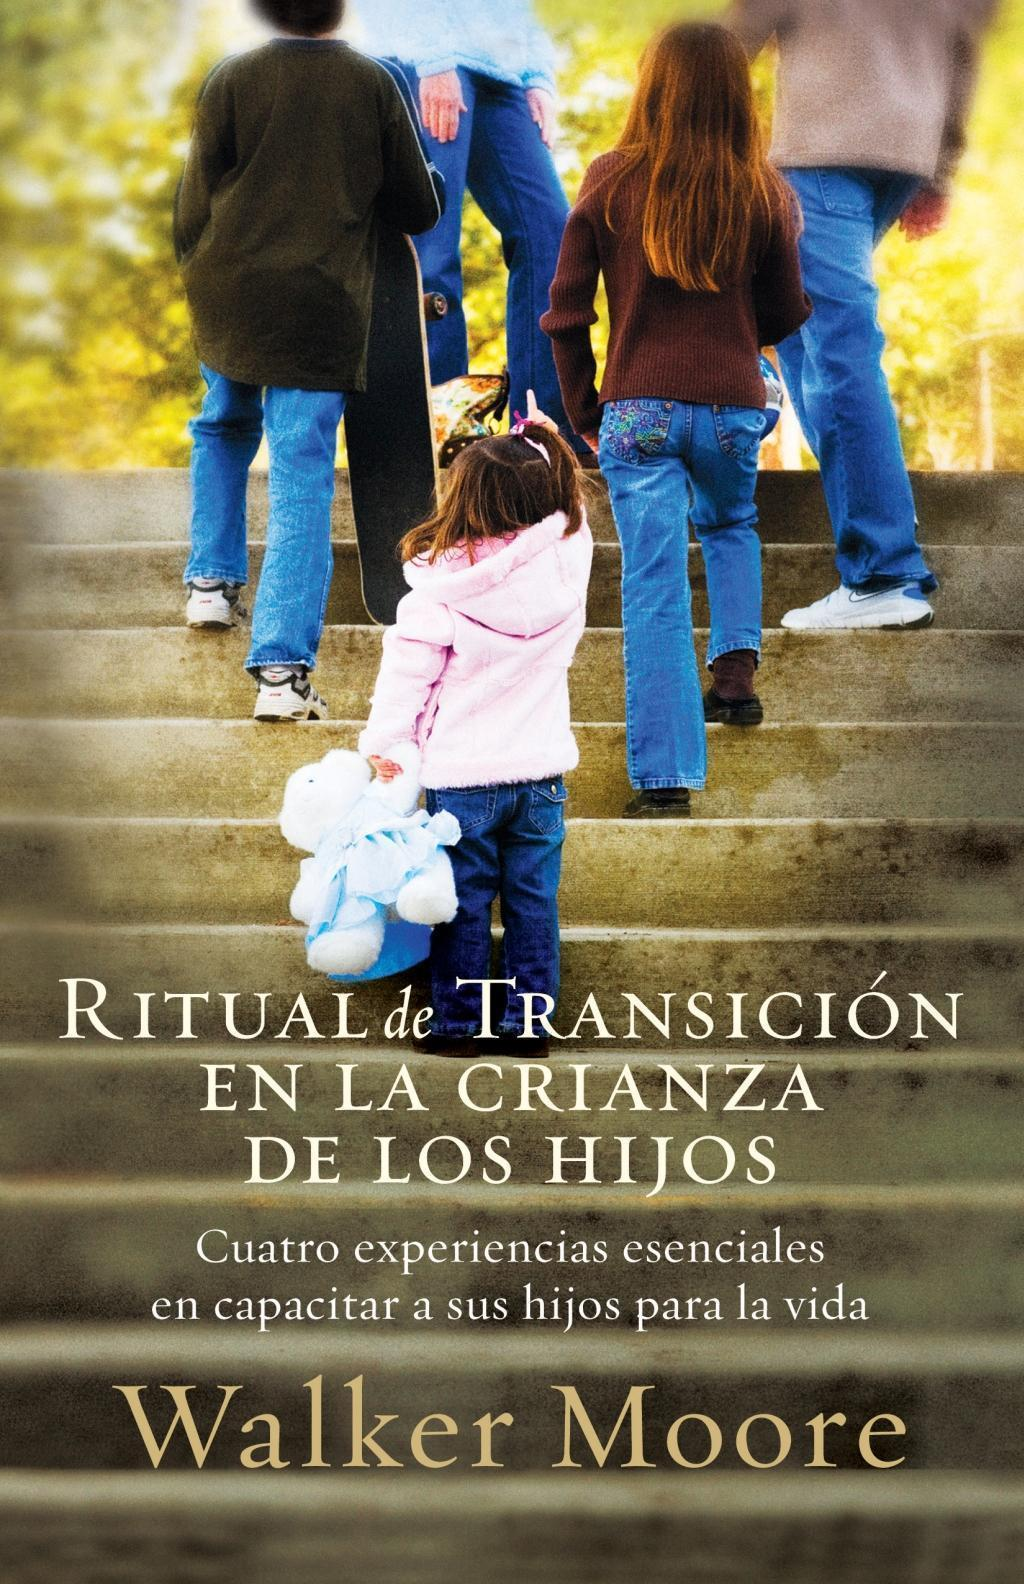 Ritual de transición en la crianza de los hijos